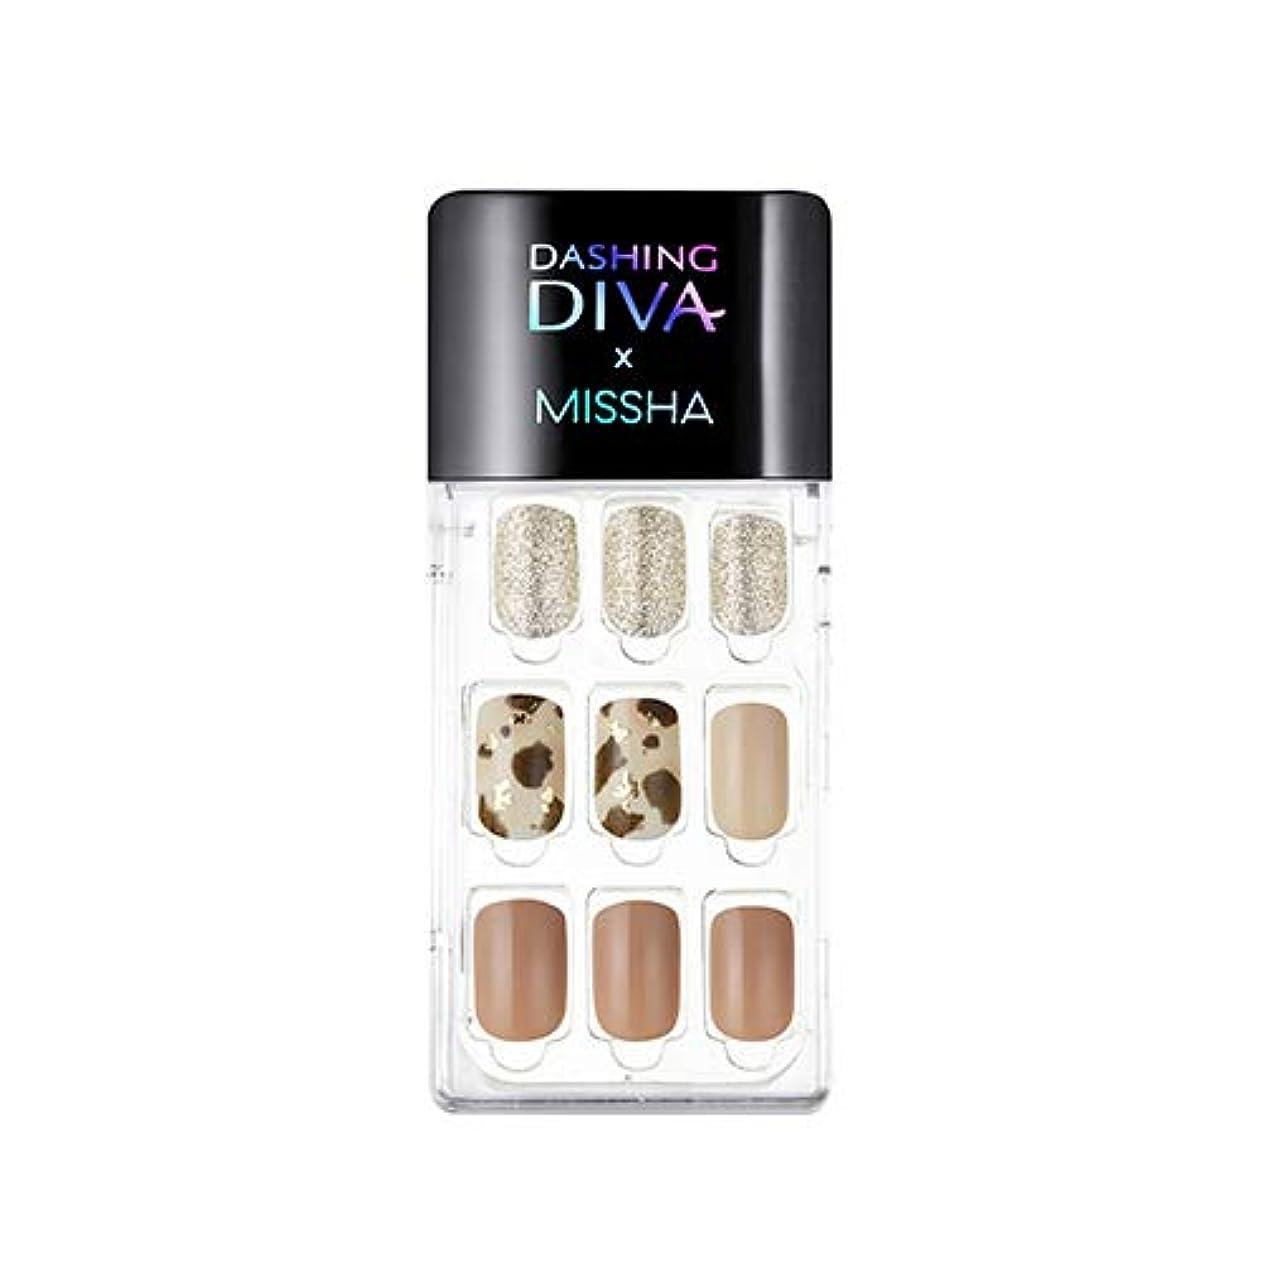 罪看板添加剤[ ミシャ X ダッシングディバ ] マジックプレス スーパースリムフィット MISSHA Dashing Diva Magic Press Super Slim Fit #MDR_504 Be Yours [並行輸入品]